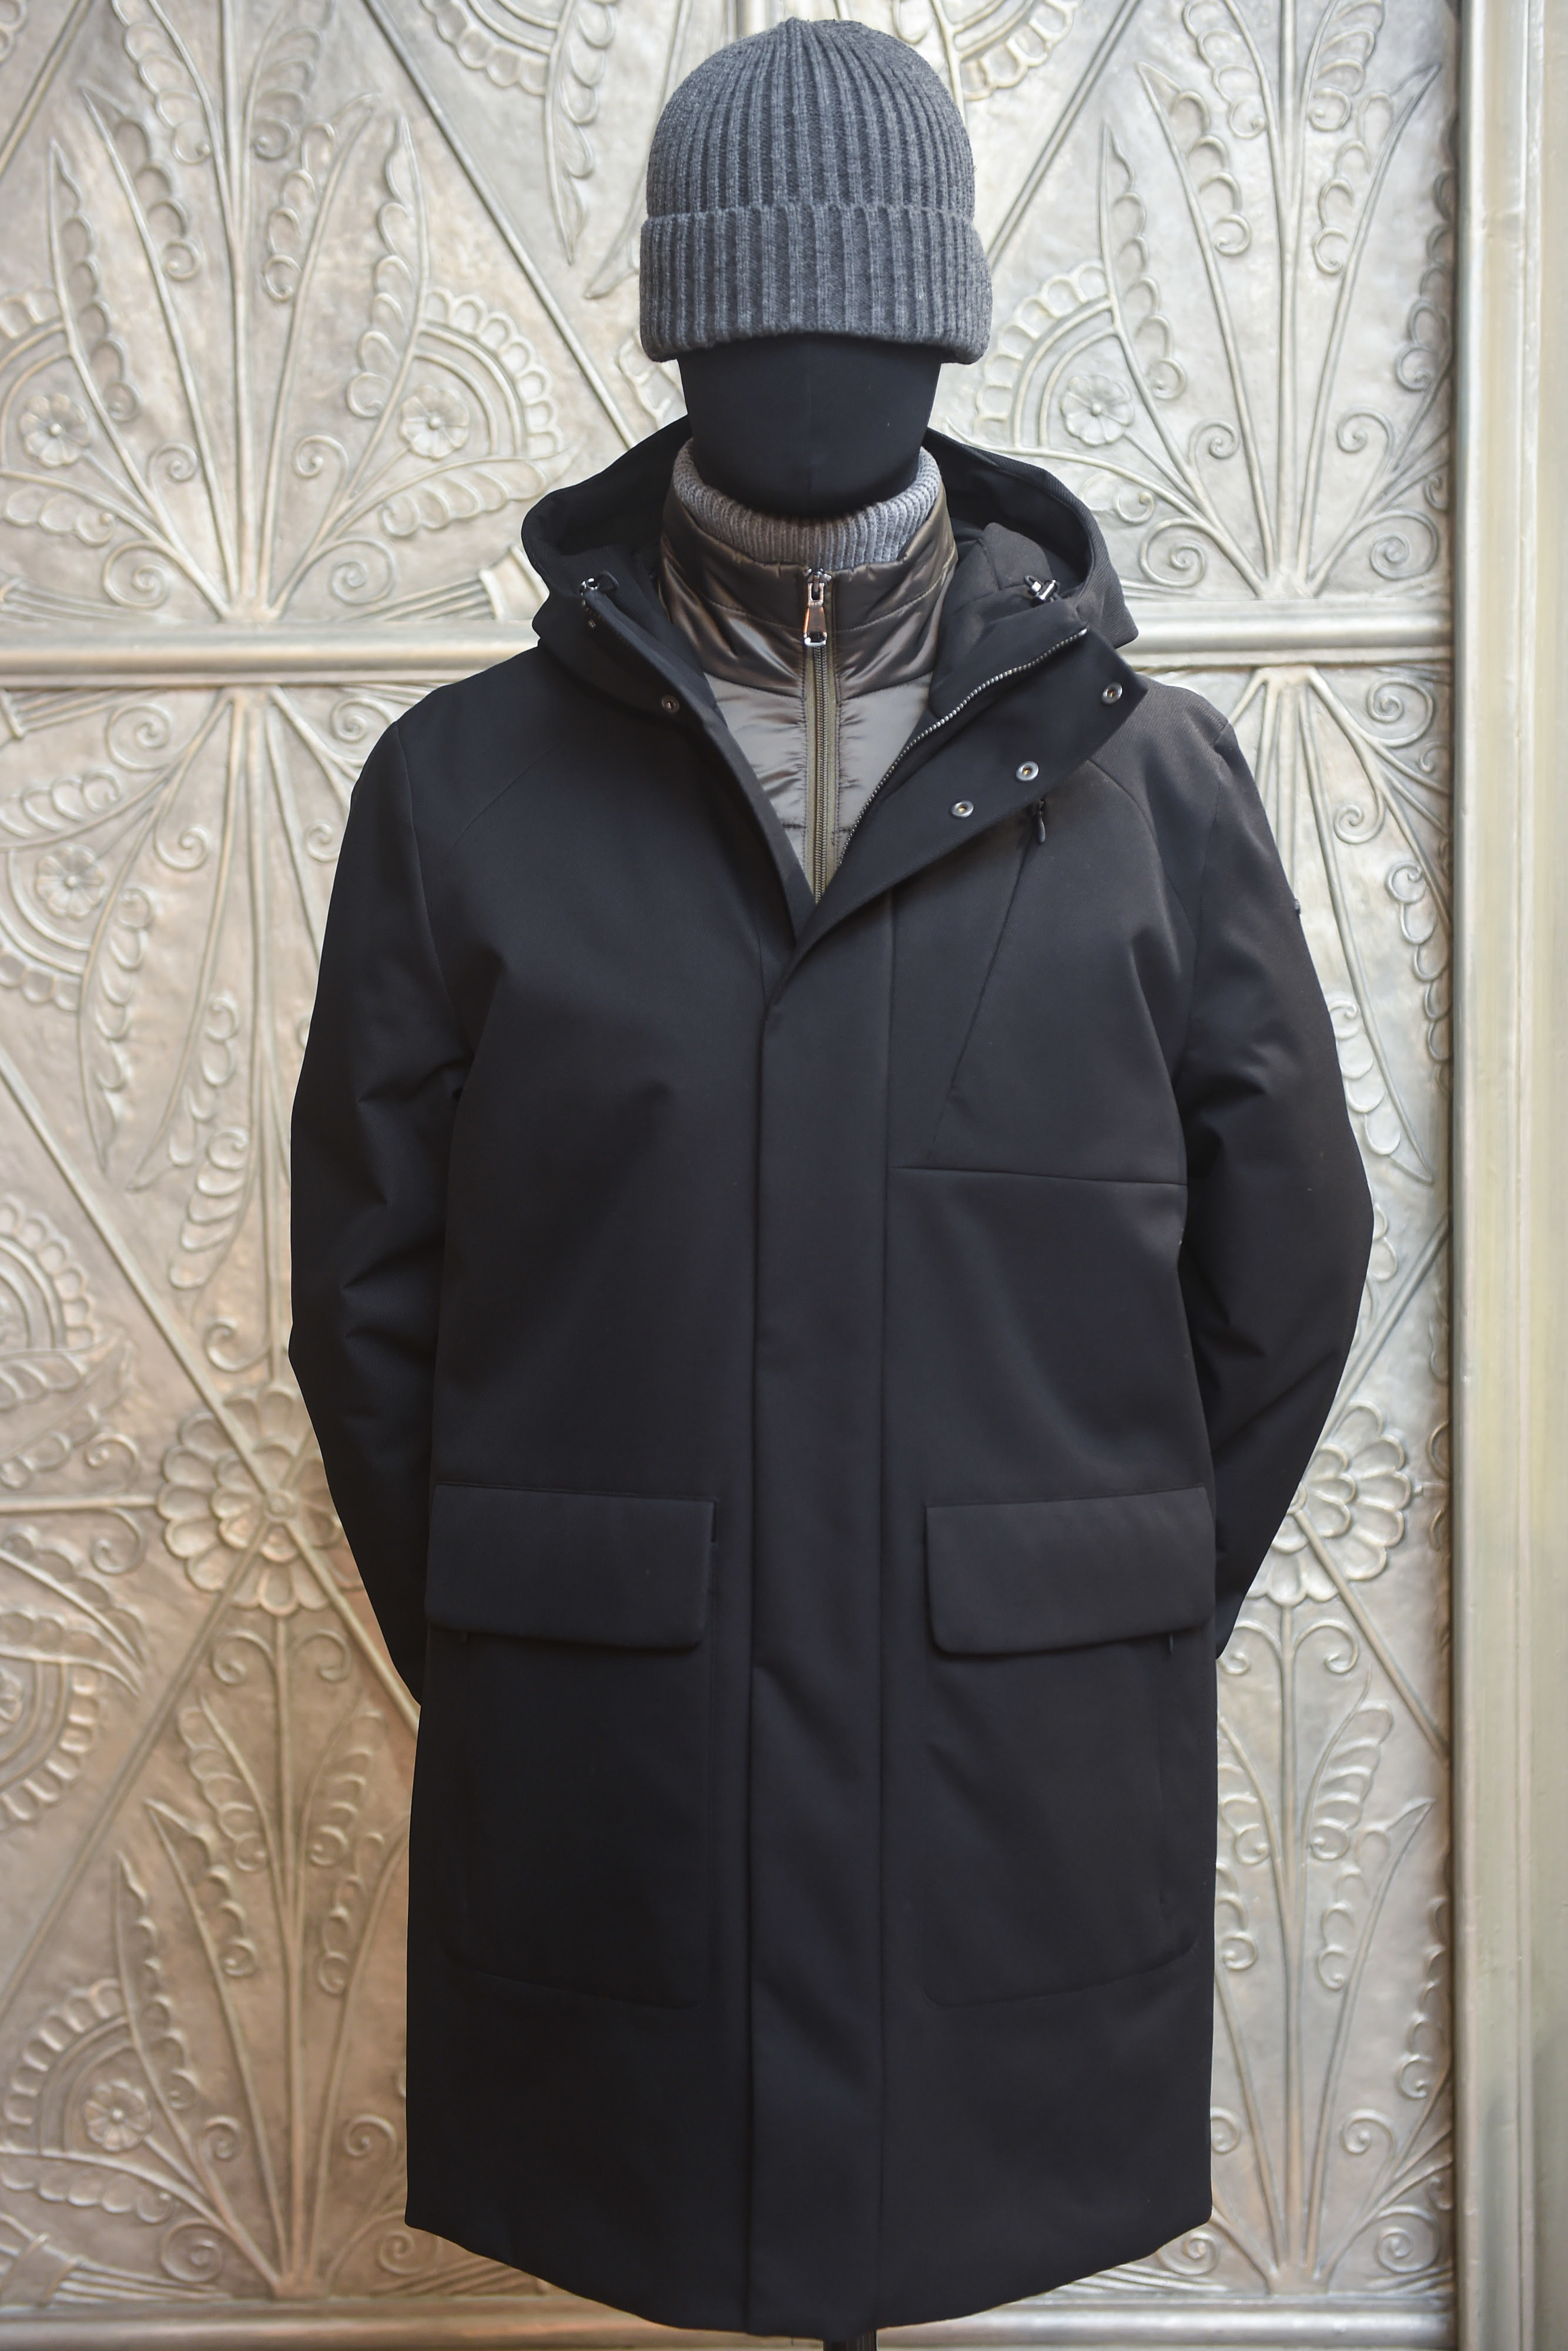 c534d597 a578 423c a35f 33f93f7eebe4 - Geox presenta su colección para hombre Otoño/Invierno 2020 de calzado y prendas exteriores